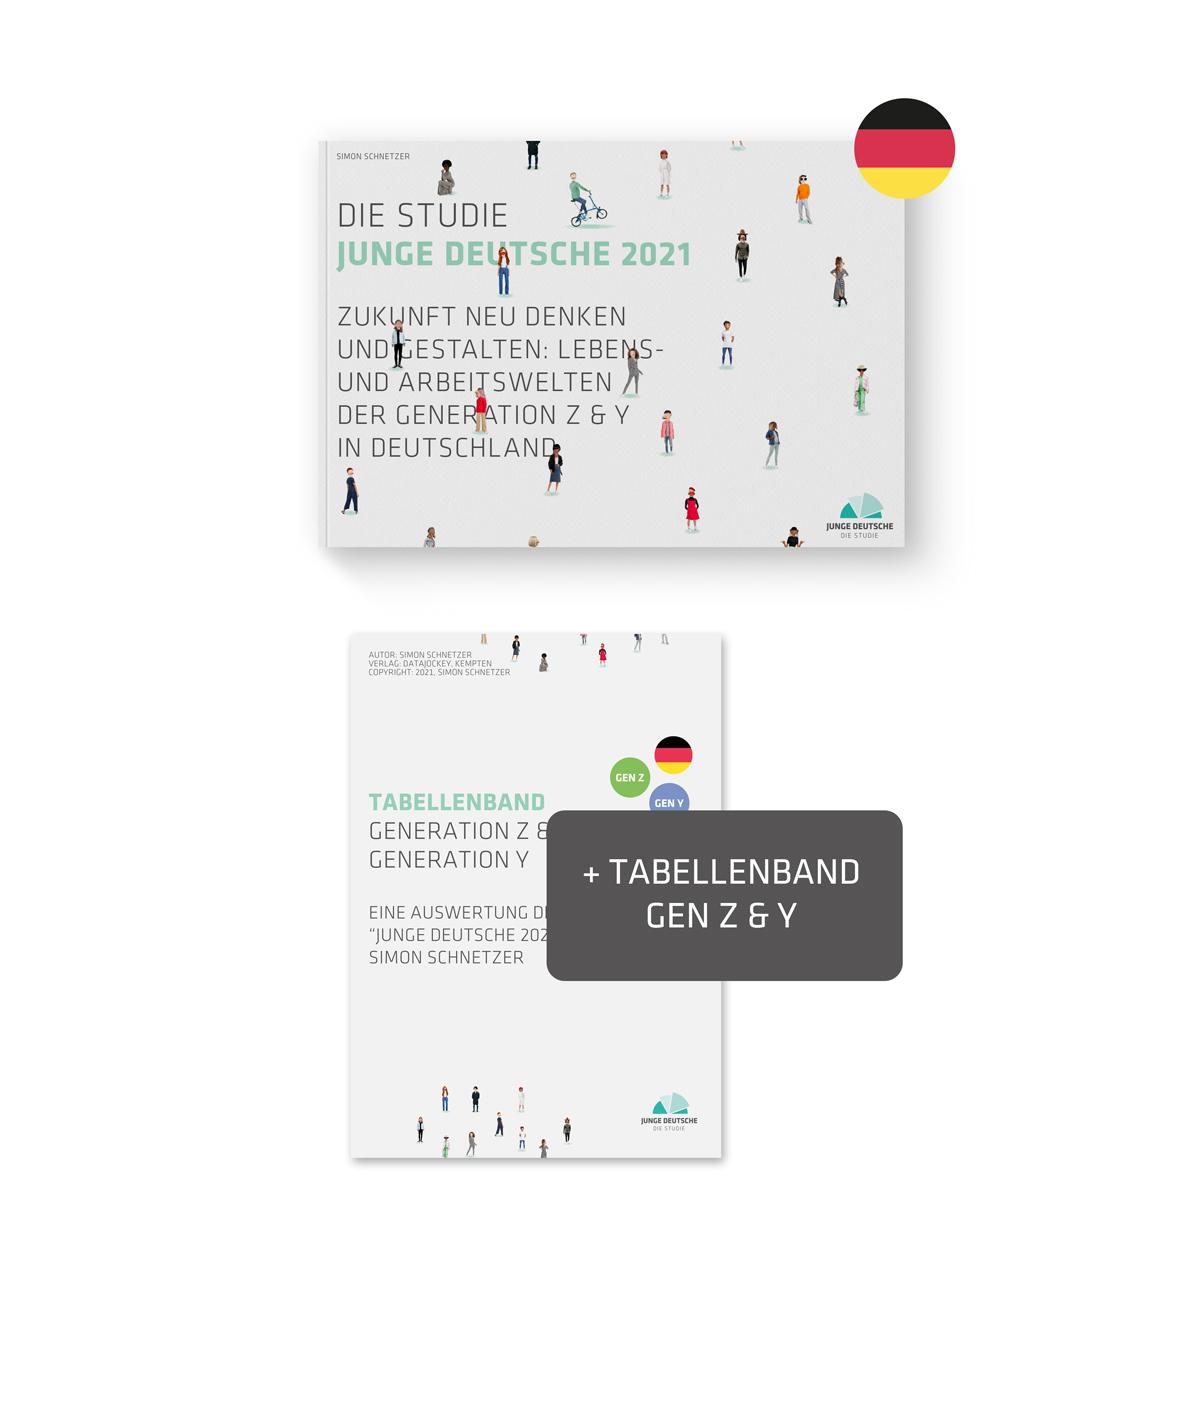 Produktbild - Studie Junge Deutsche 2021 Publikation PLUS